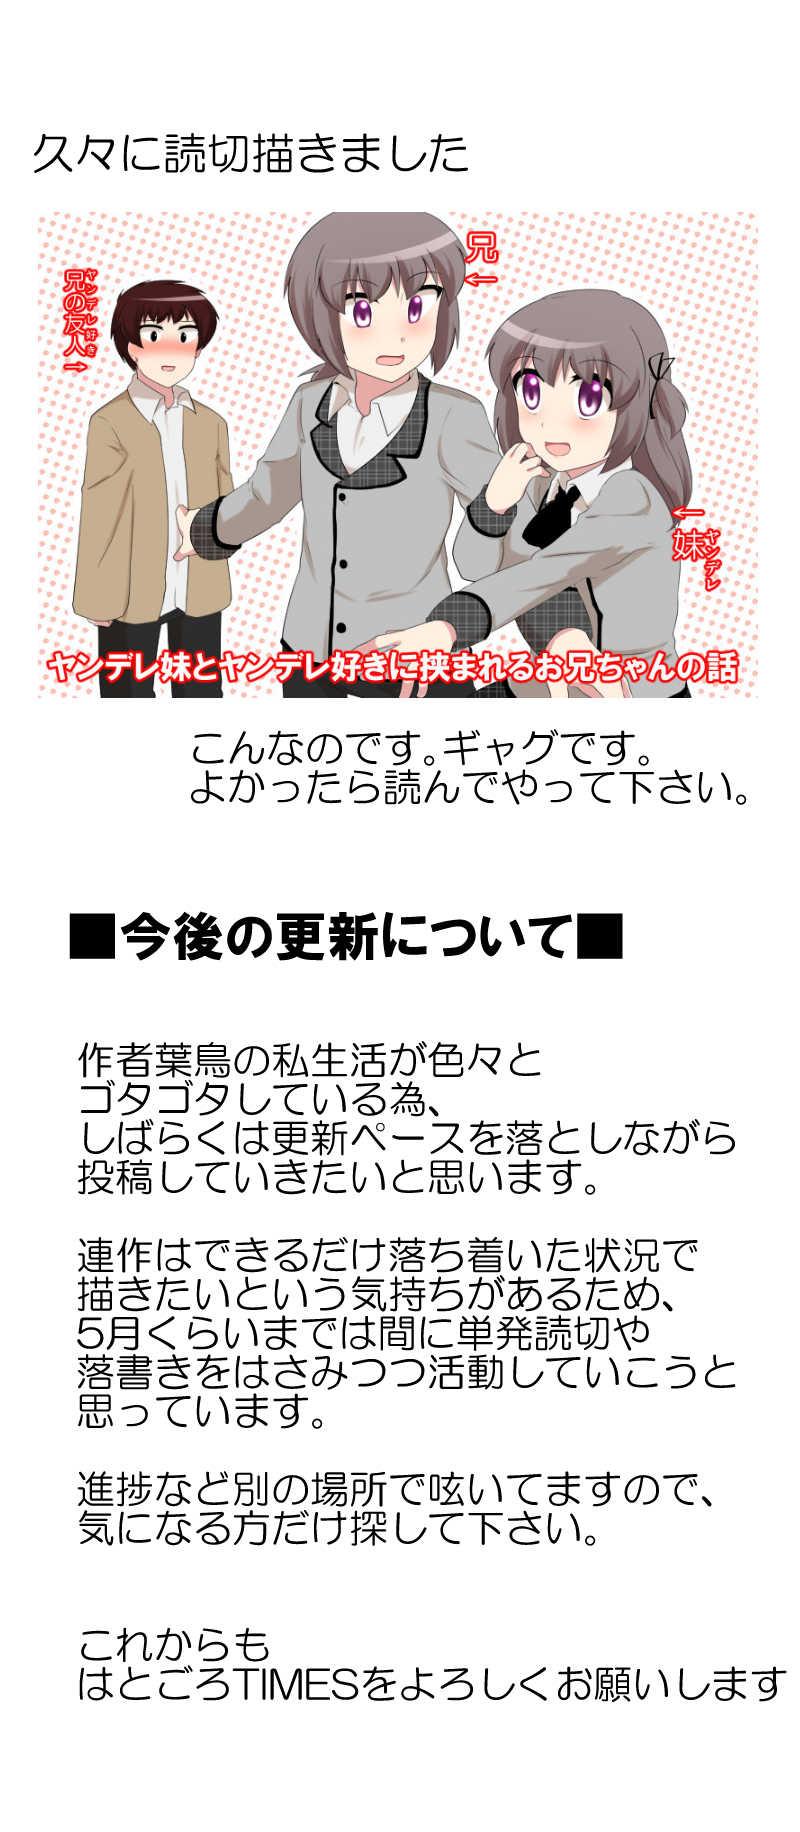 第63話「マユズミさん(後編)」